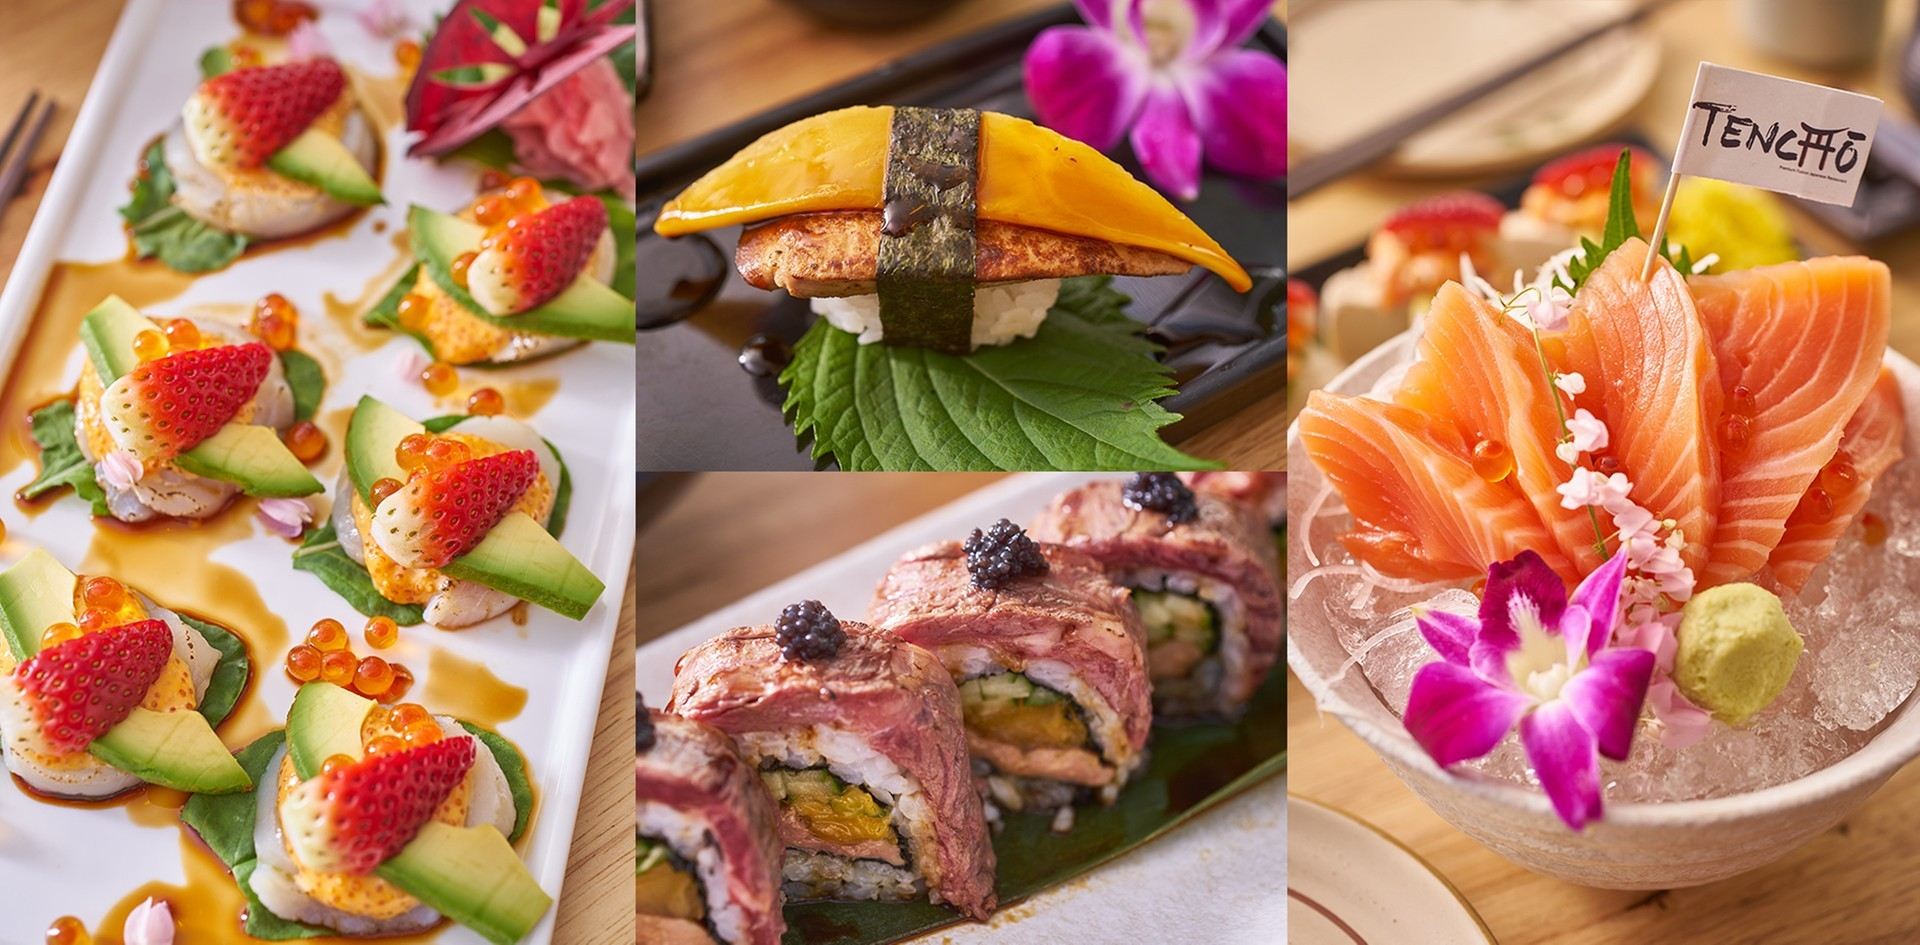 """ลองแล้วทึ่ง! ฟาด 7 เมนูอาหารญี่ปุ่นฟิวชันสุดแปลกแต่ฟิน ที่ """"Tencho"""""""